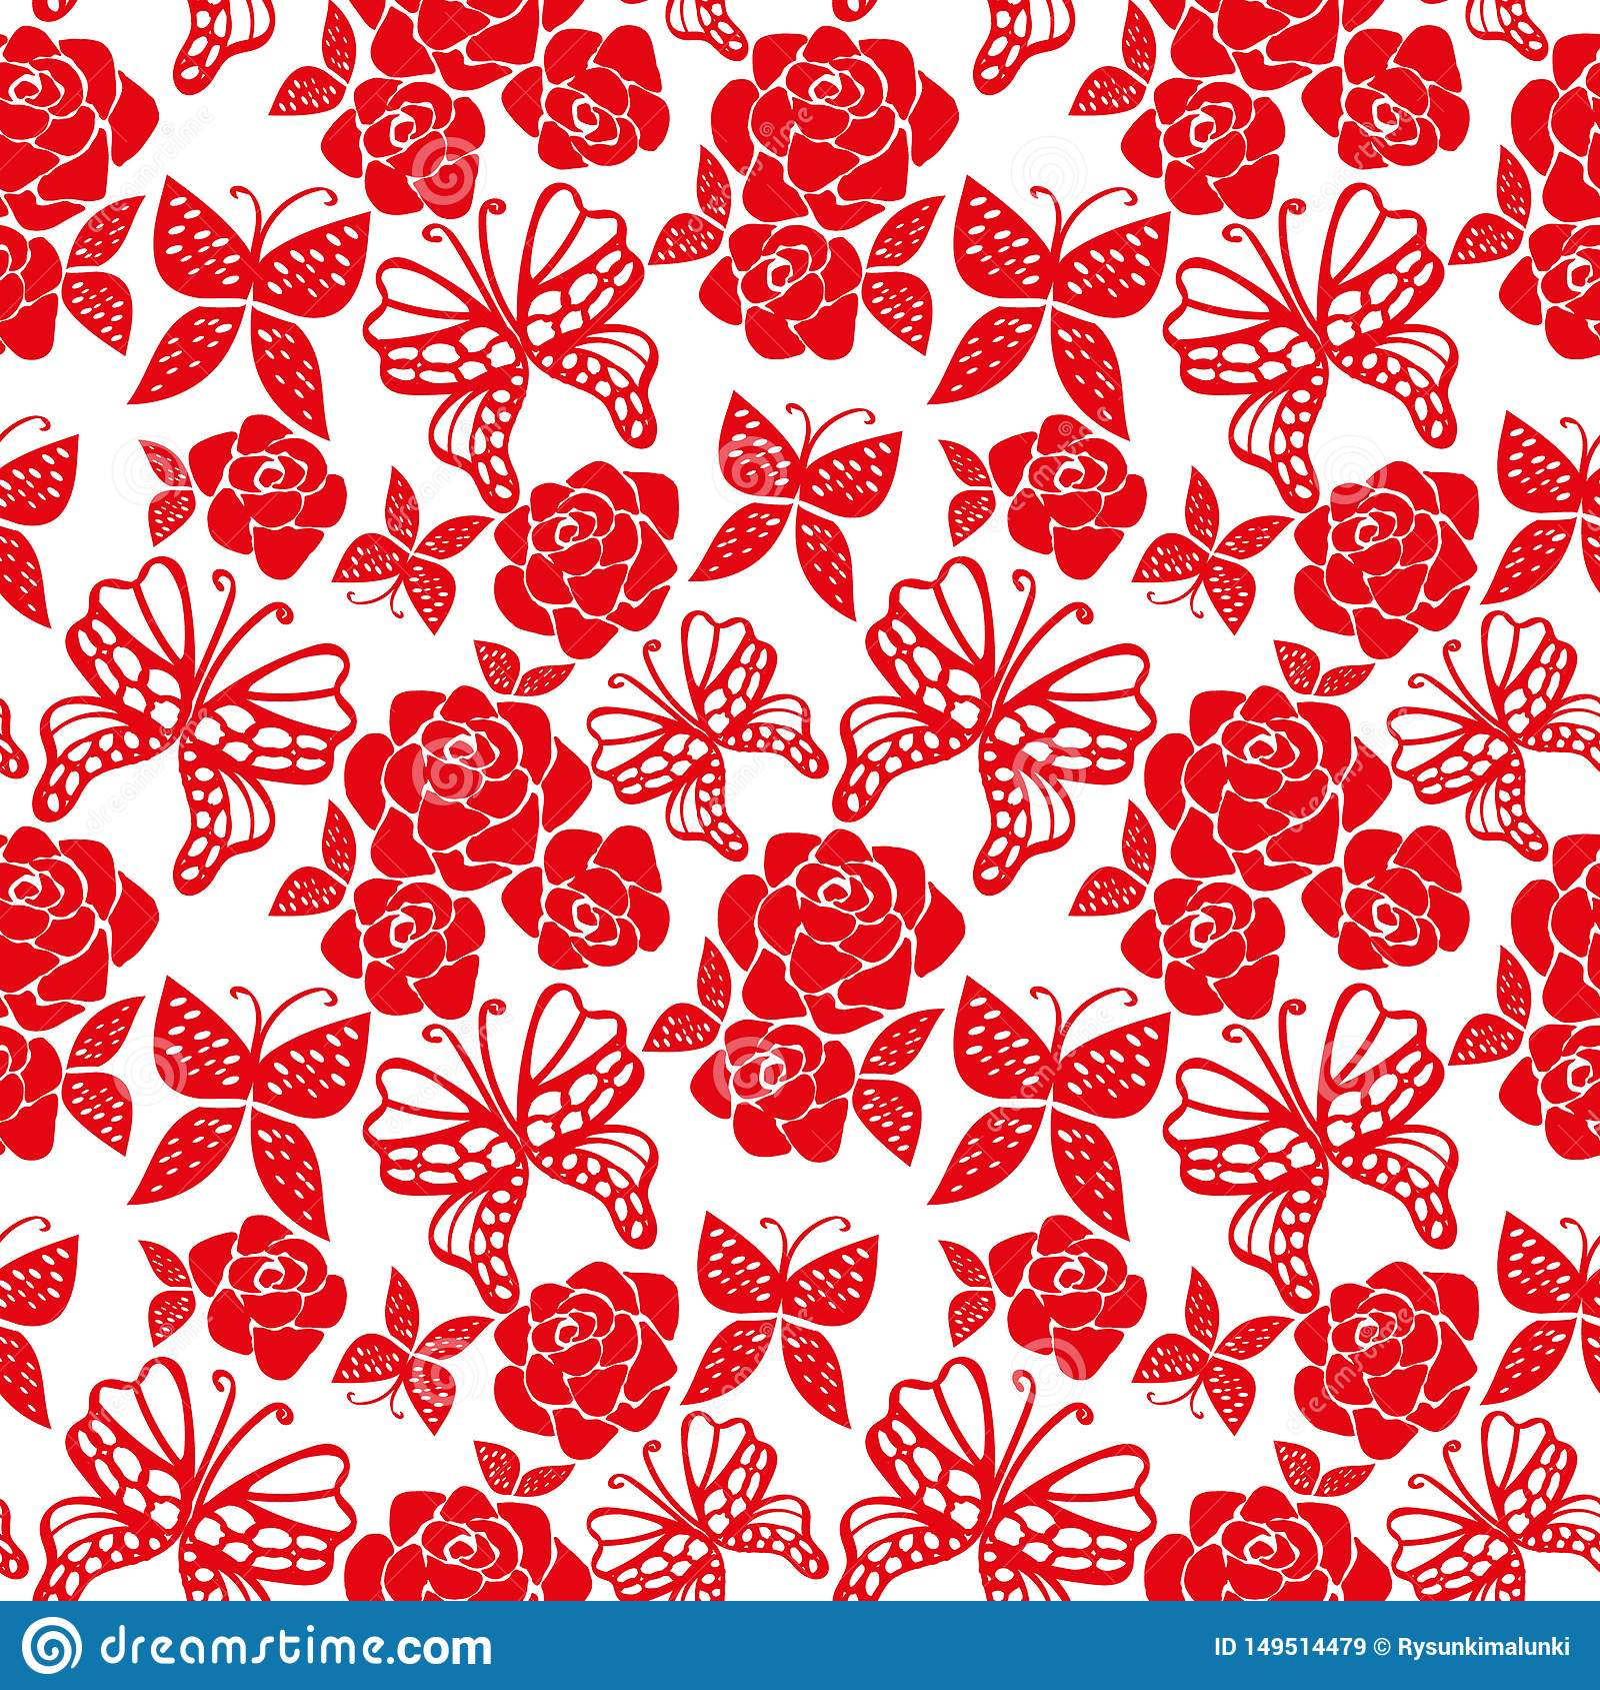 Nahtloses Vektormuster mit roten Rosen und Schmetterlingen auf weißem Hintergrund